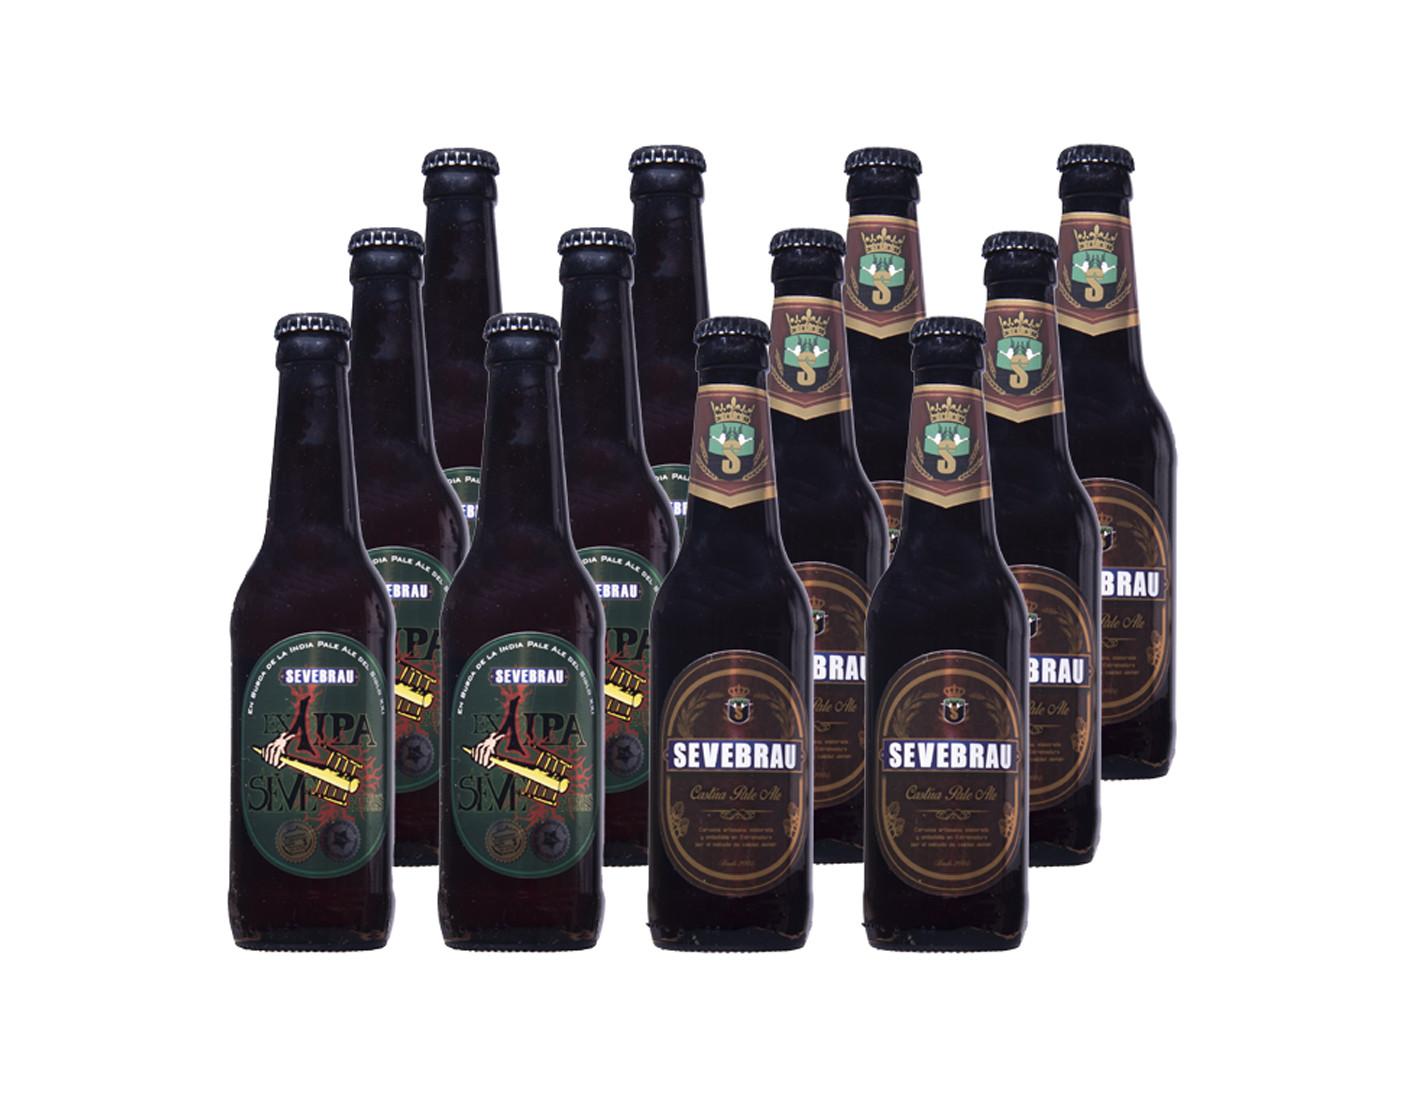 Lote 6 cervezas Ex1 Ipa mas 6 Castua...